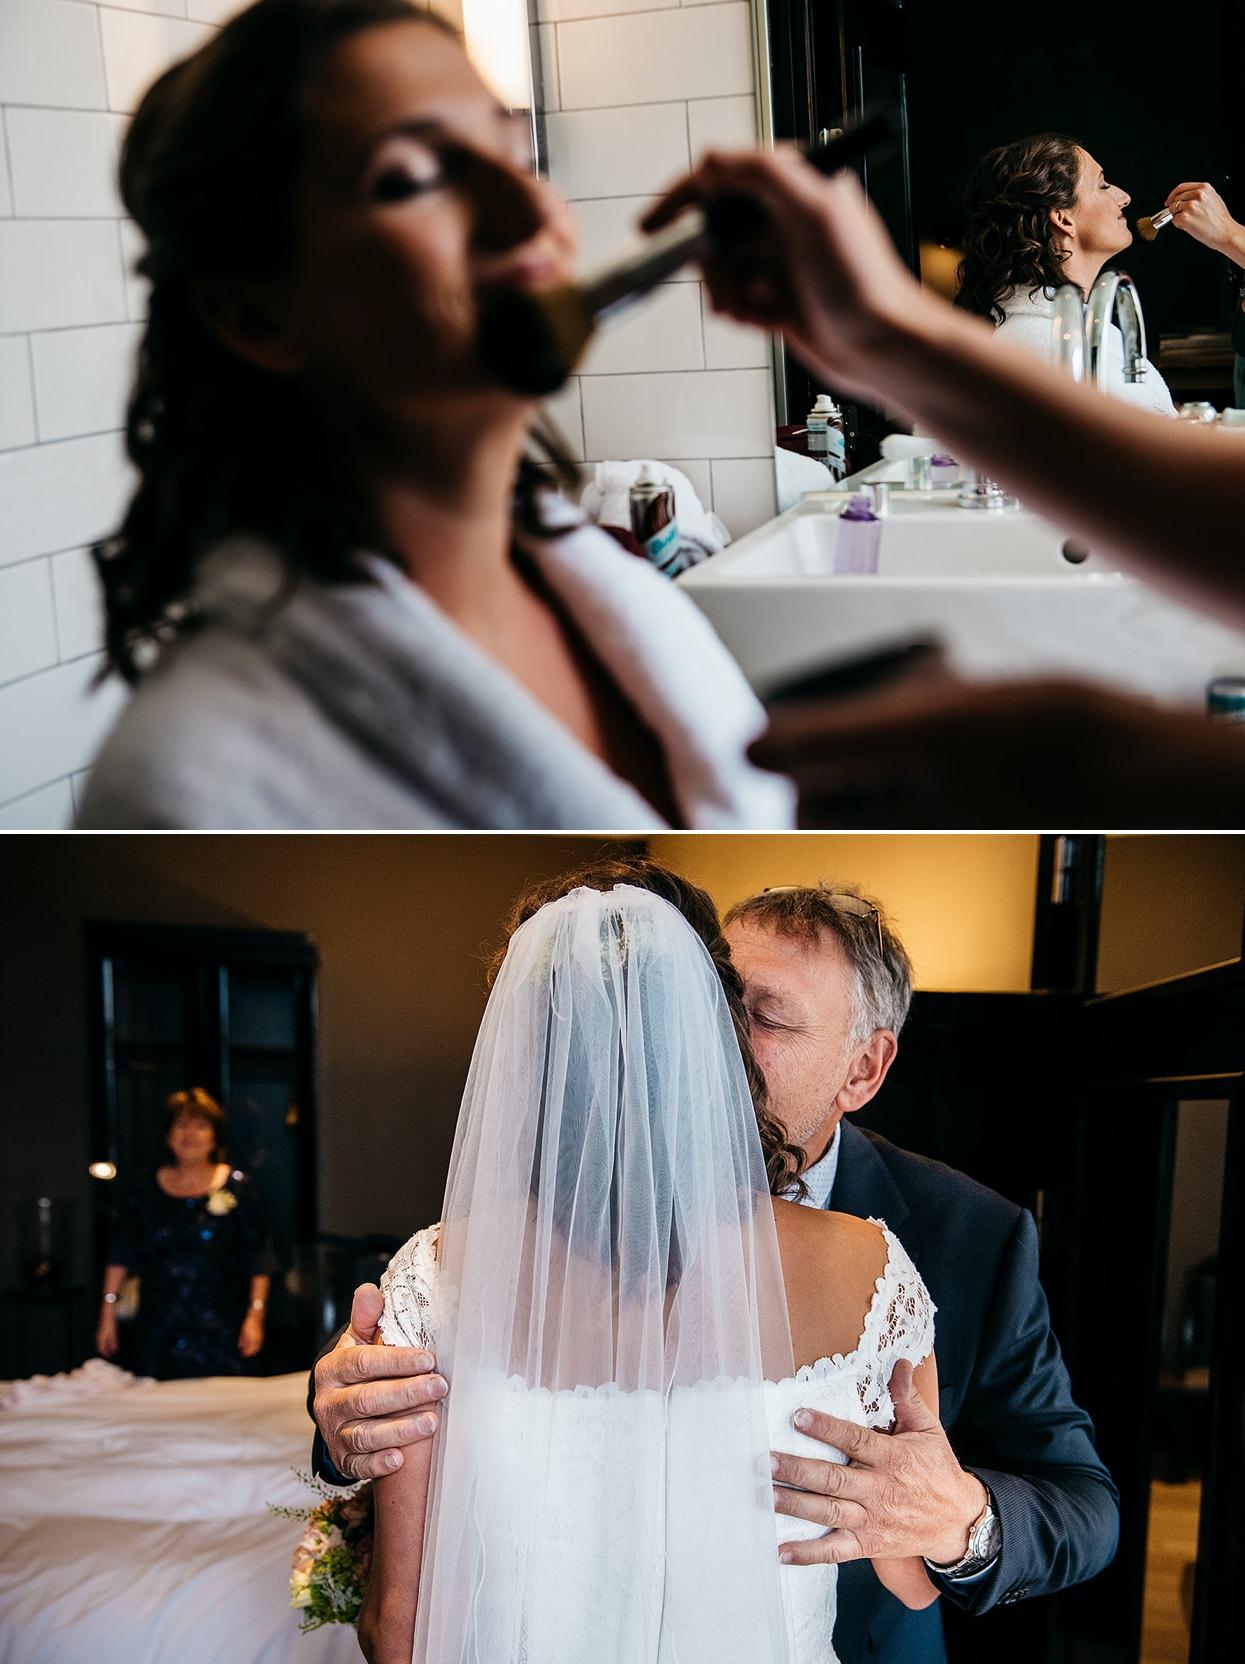 Huwelijksfotograaf De Serre Antwerpen